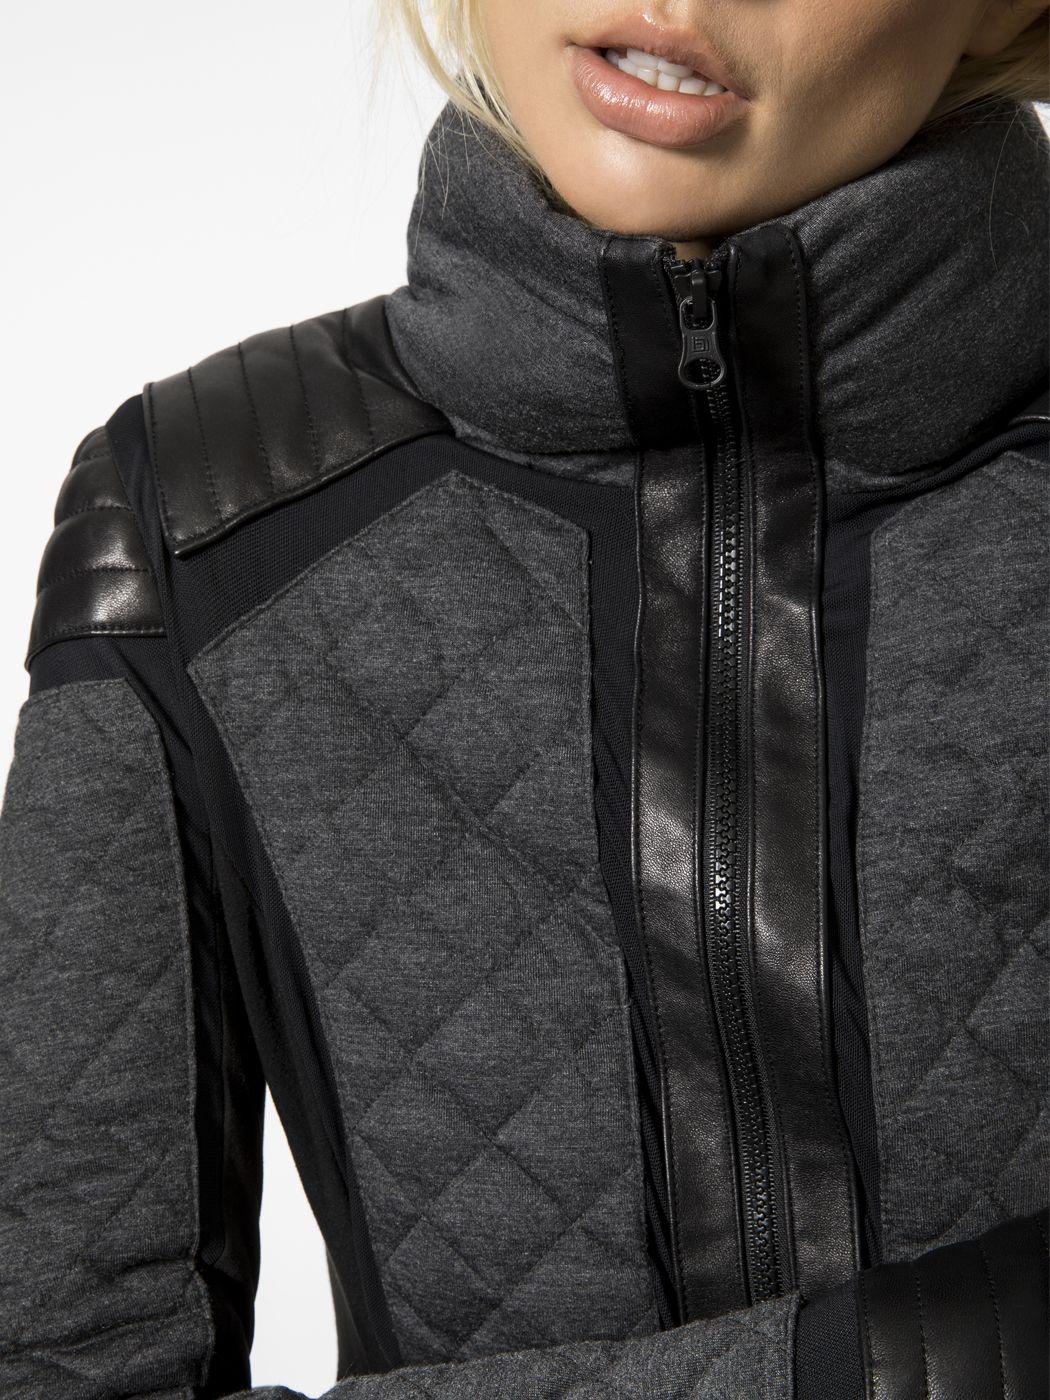 Blanc Noir Mesh Insert Moto Puffer Charcoal Heather Jackets Puffer Winter Jackets Jackets [ 1400 x 1050 Pixel ]